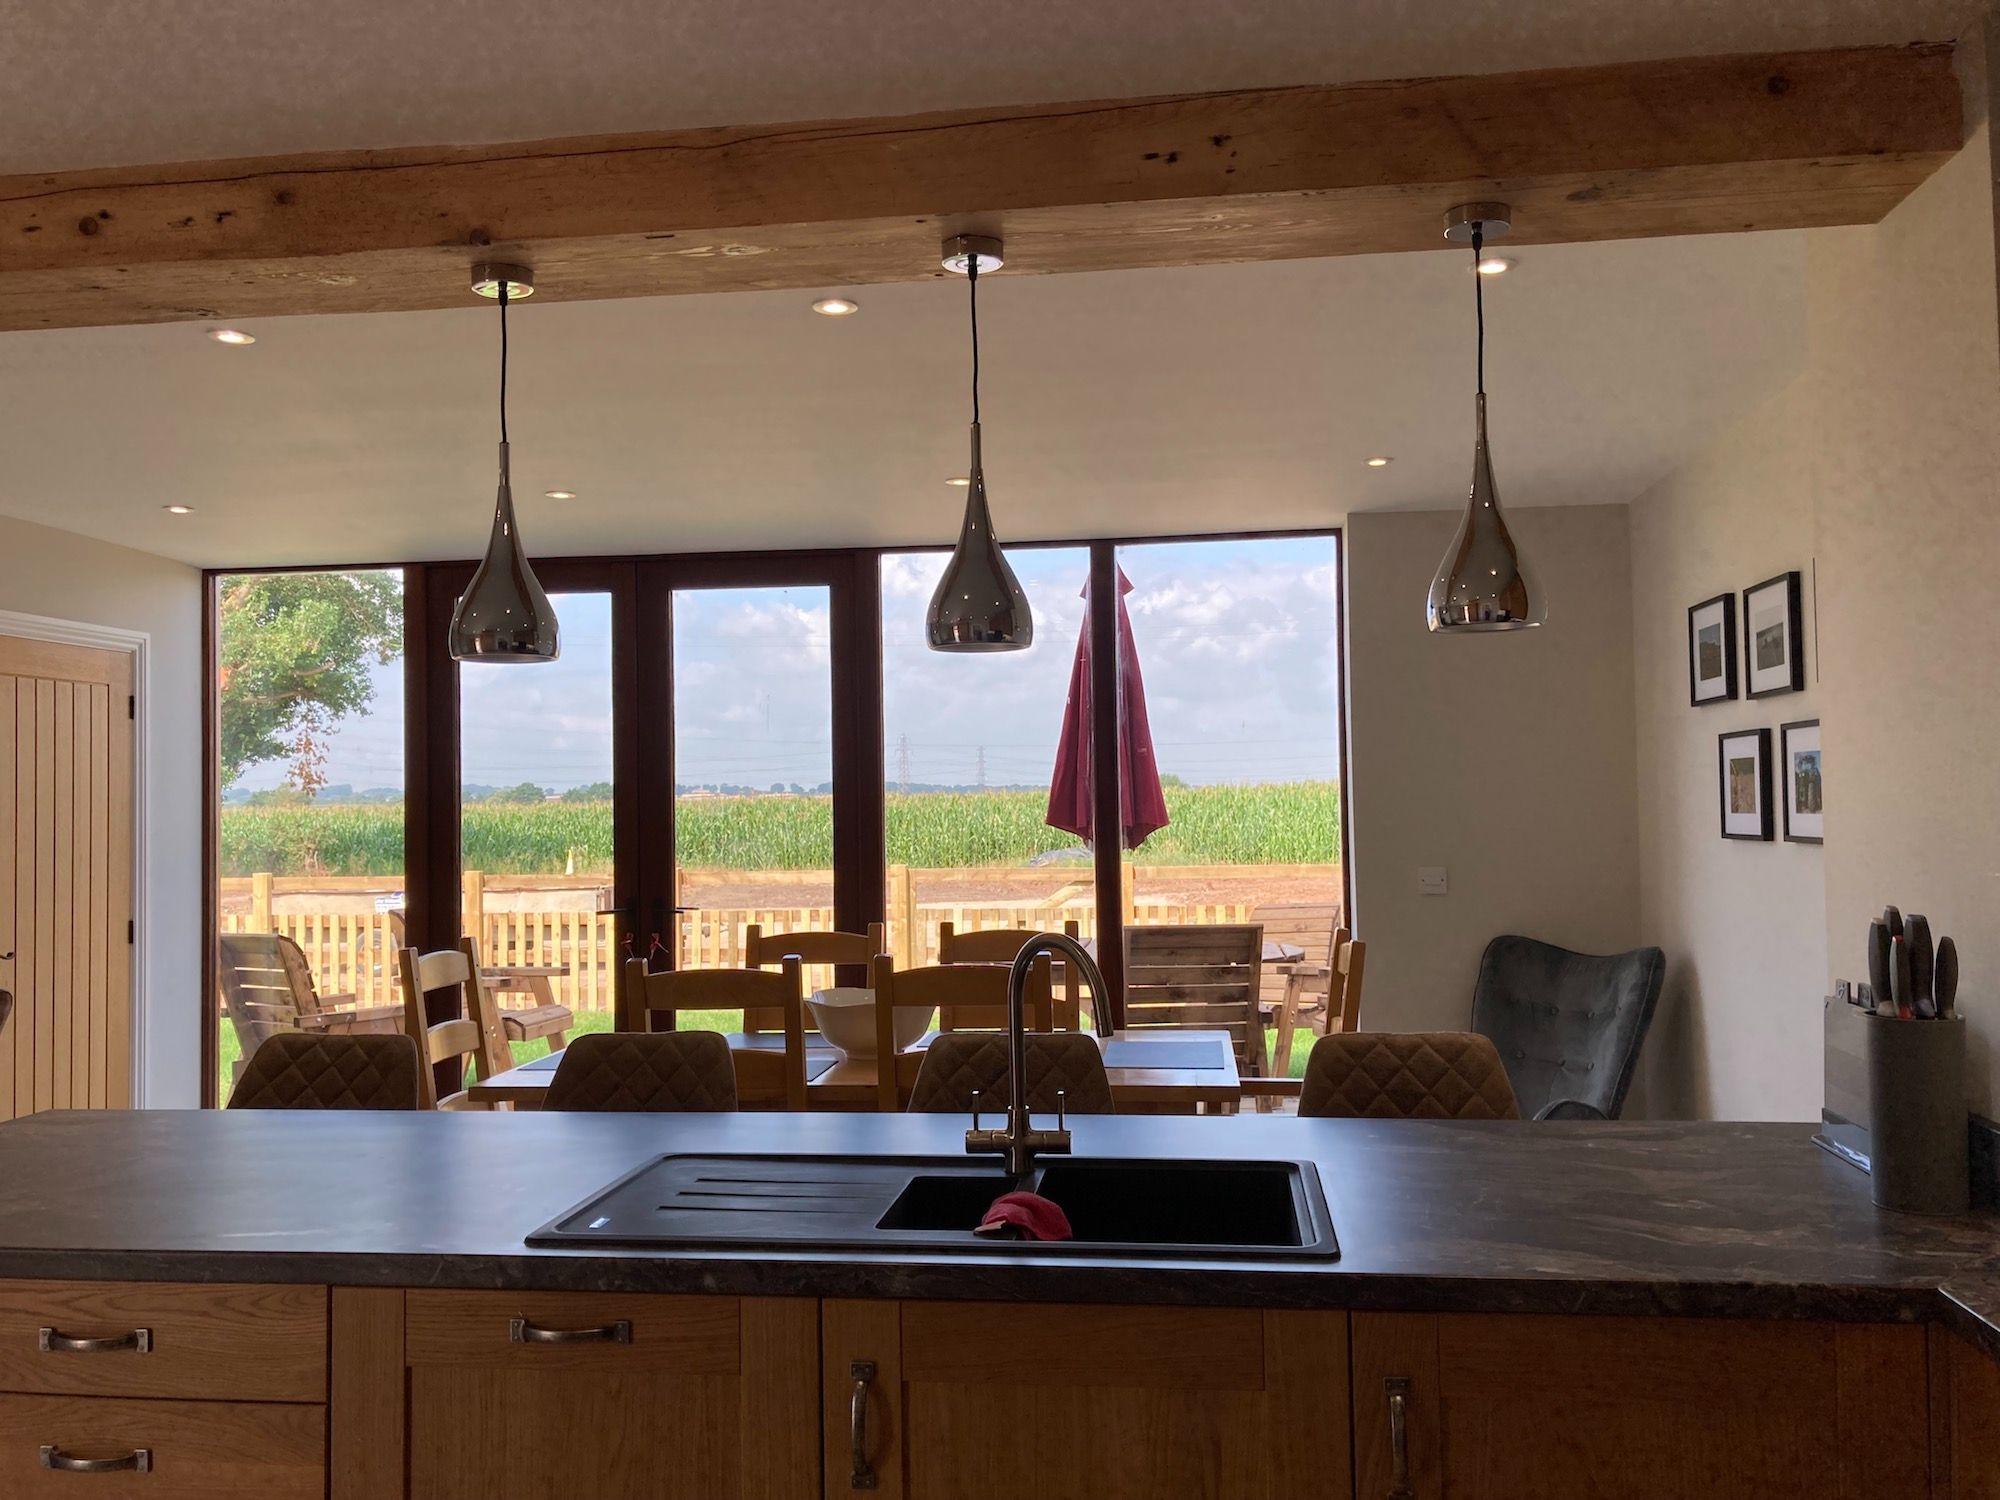 vintage-kitchen-view